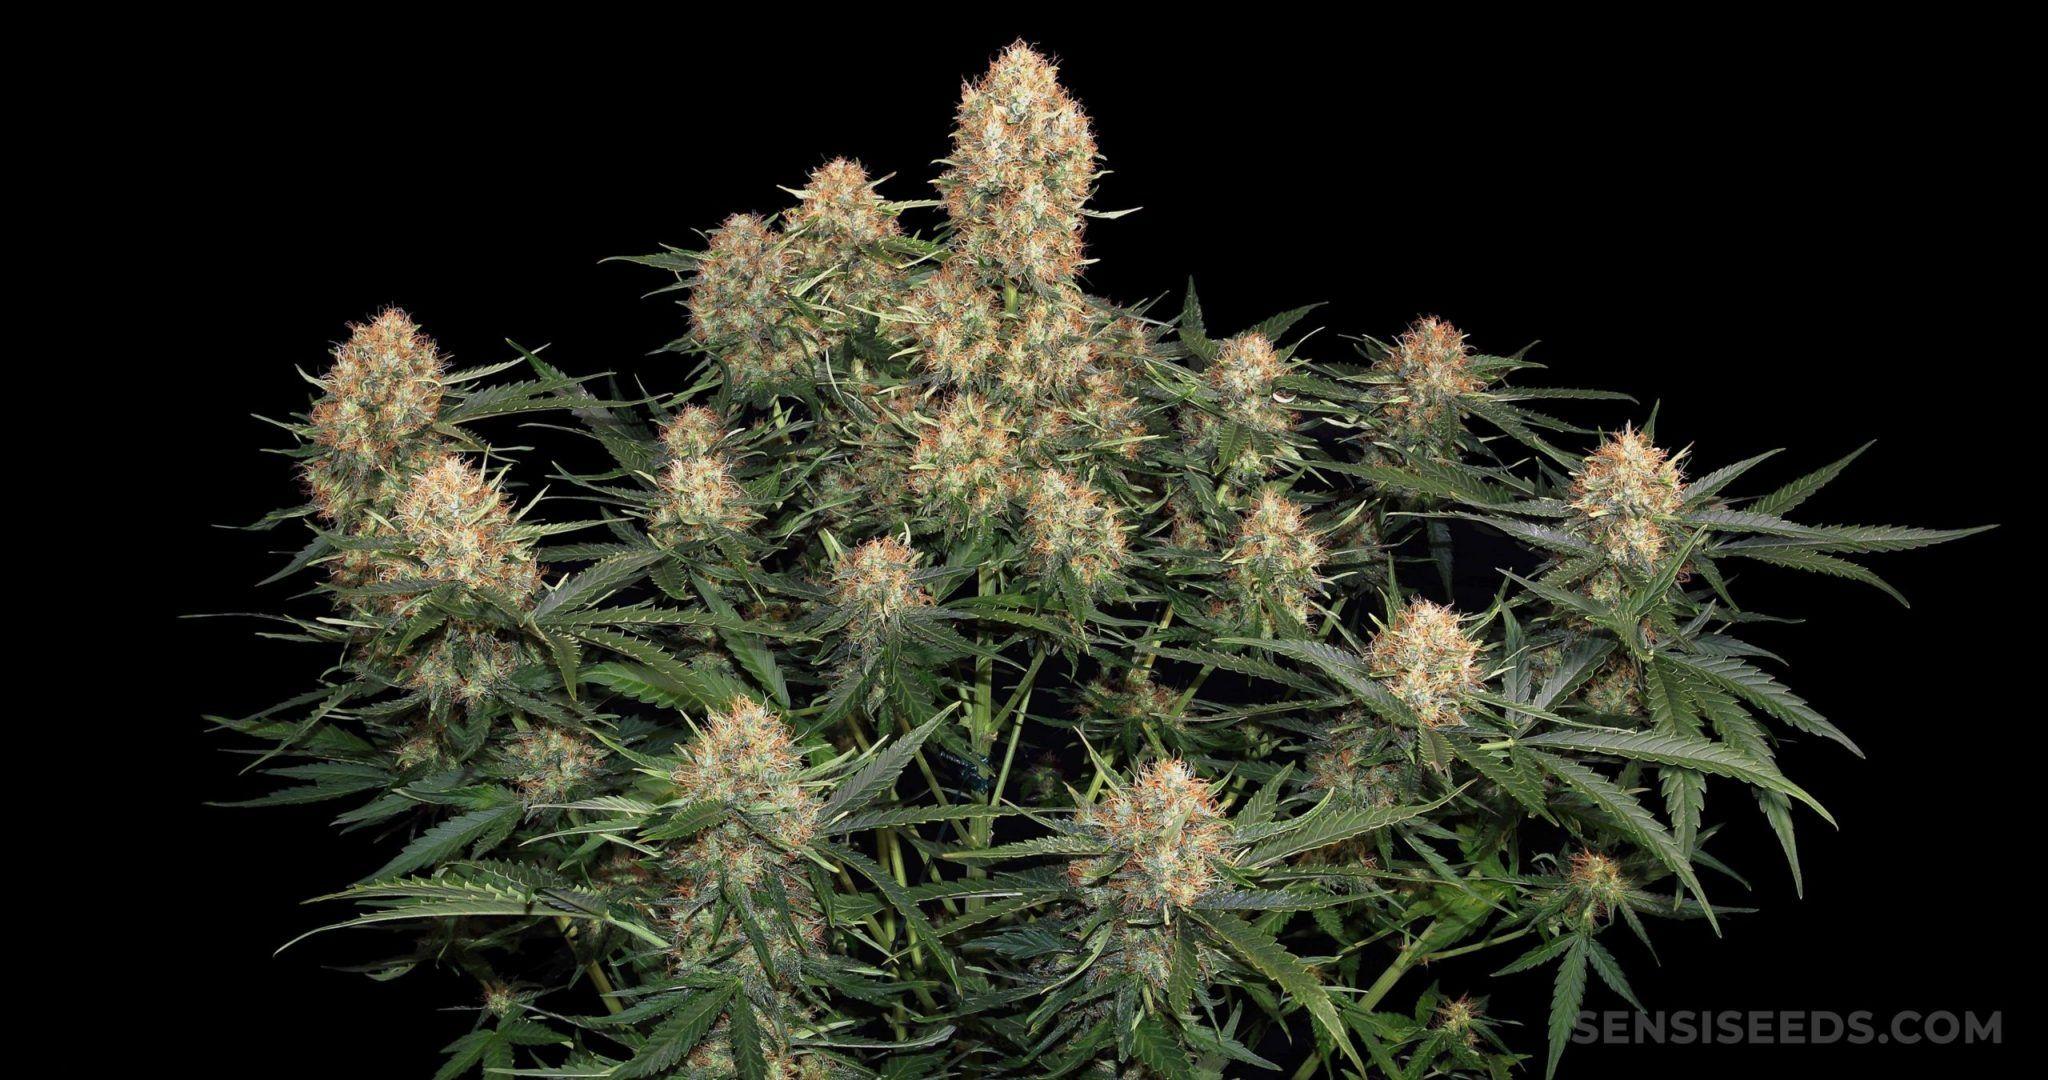 semillas de marihuana más baratas y apreciadas